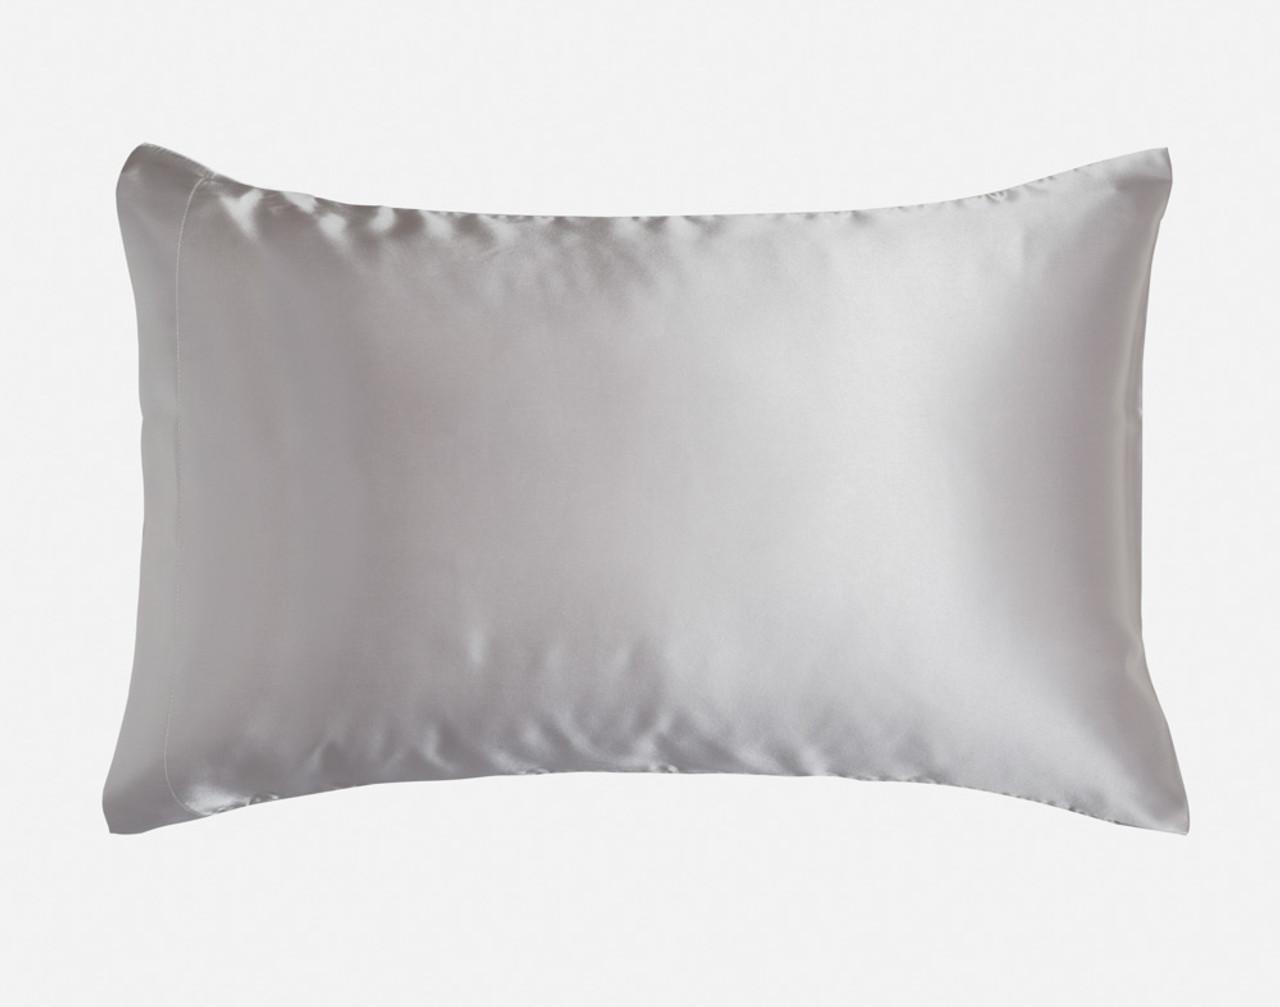 Silver Pillowcase in Queen size over a pillow